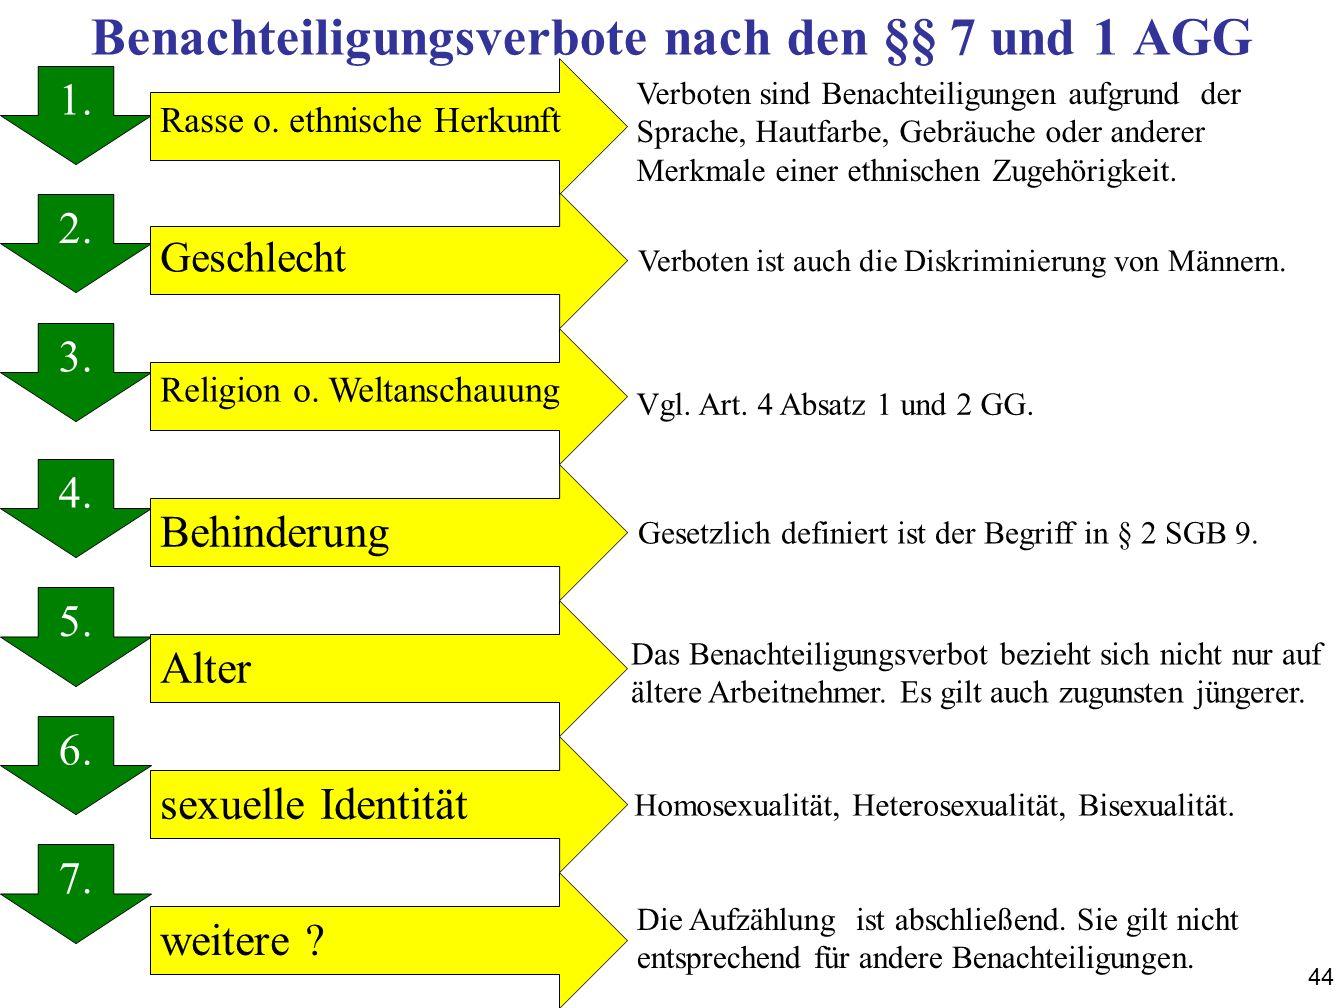 44 Benachteiligungsverbote nach den §§ 7 und 1 AGG 1. 2. 3. 4. 5. 6. 7. 1. Geschlecht Rasse o. ethnische Herkunft Religion o. Weltanschauung Behinderu